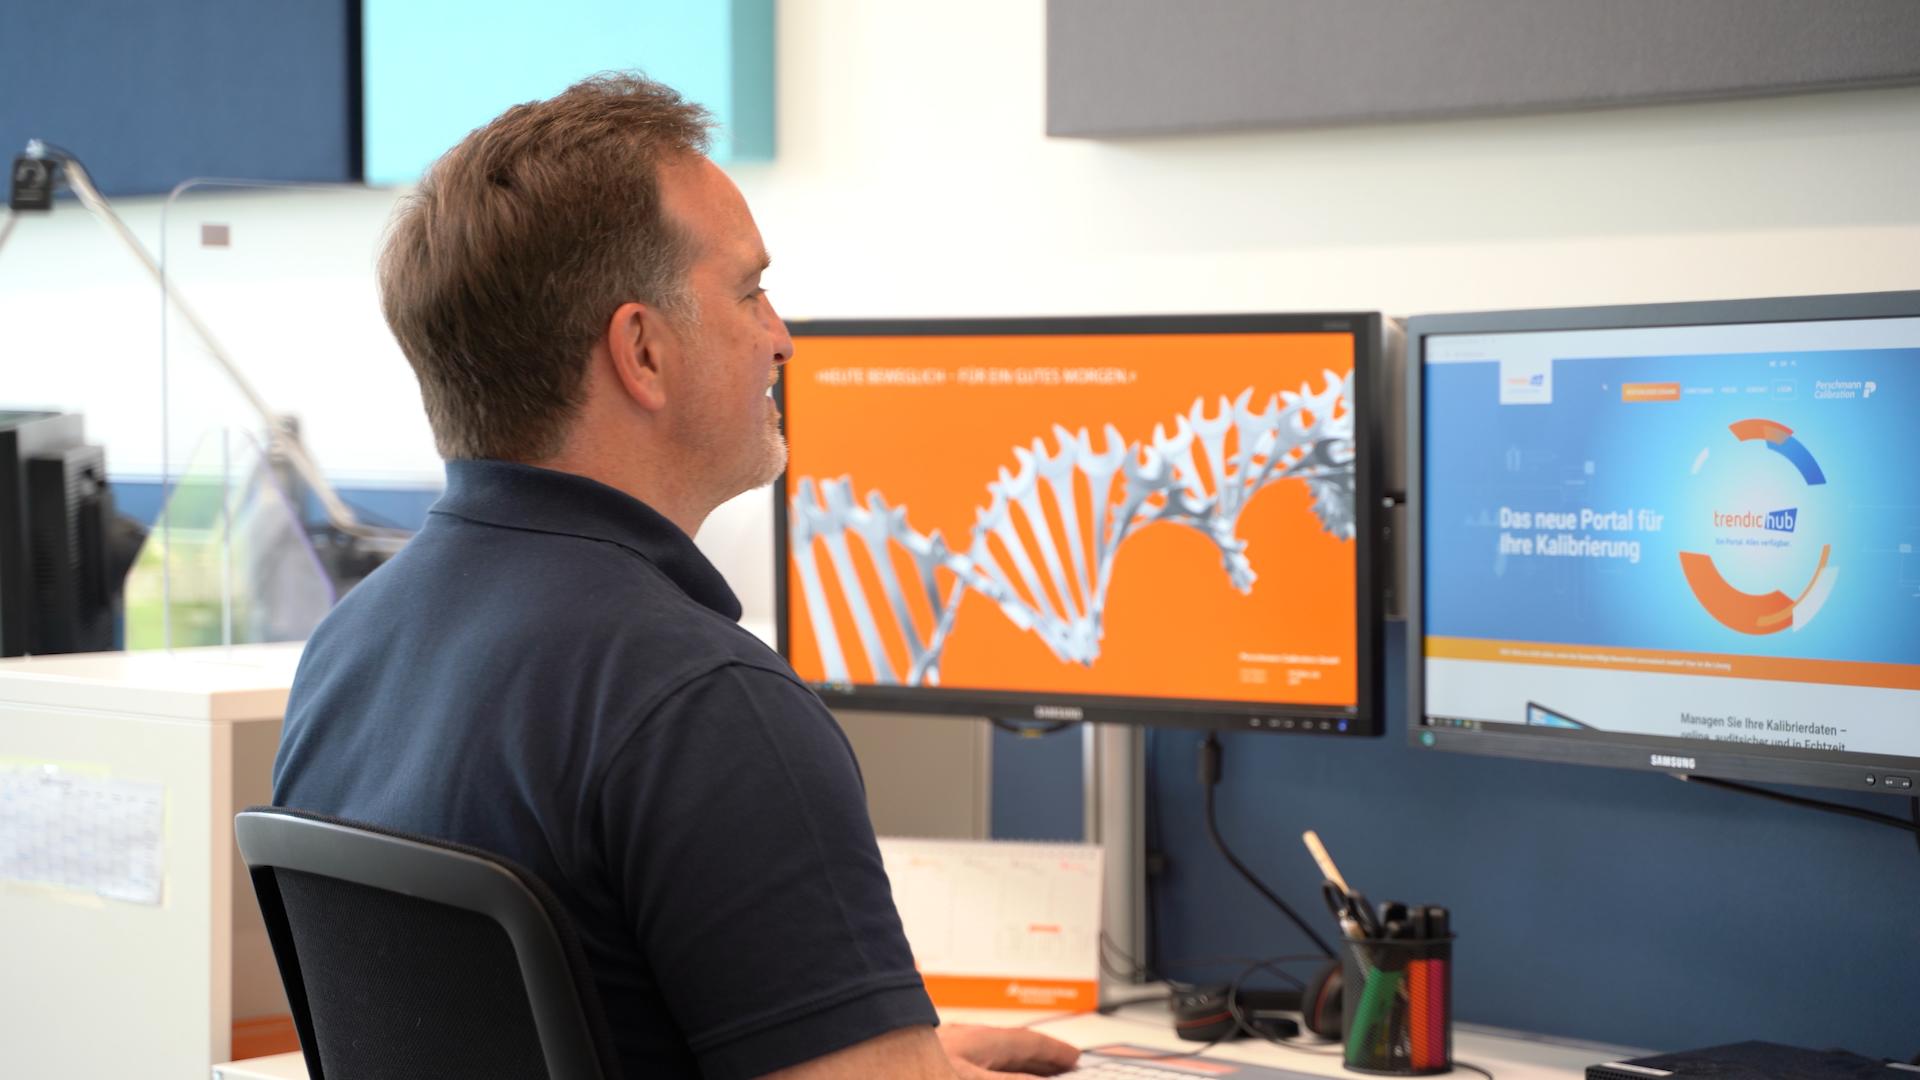 Ein Mann arbeitet an einem Monitor, auf dem die Startseite von trendic hub zu sehen ist